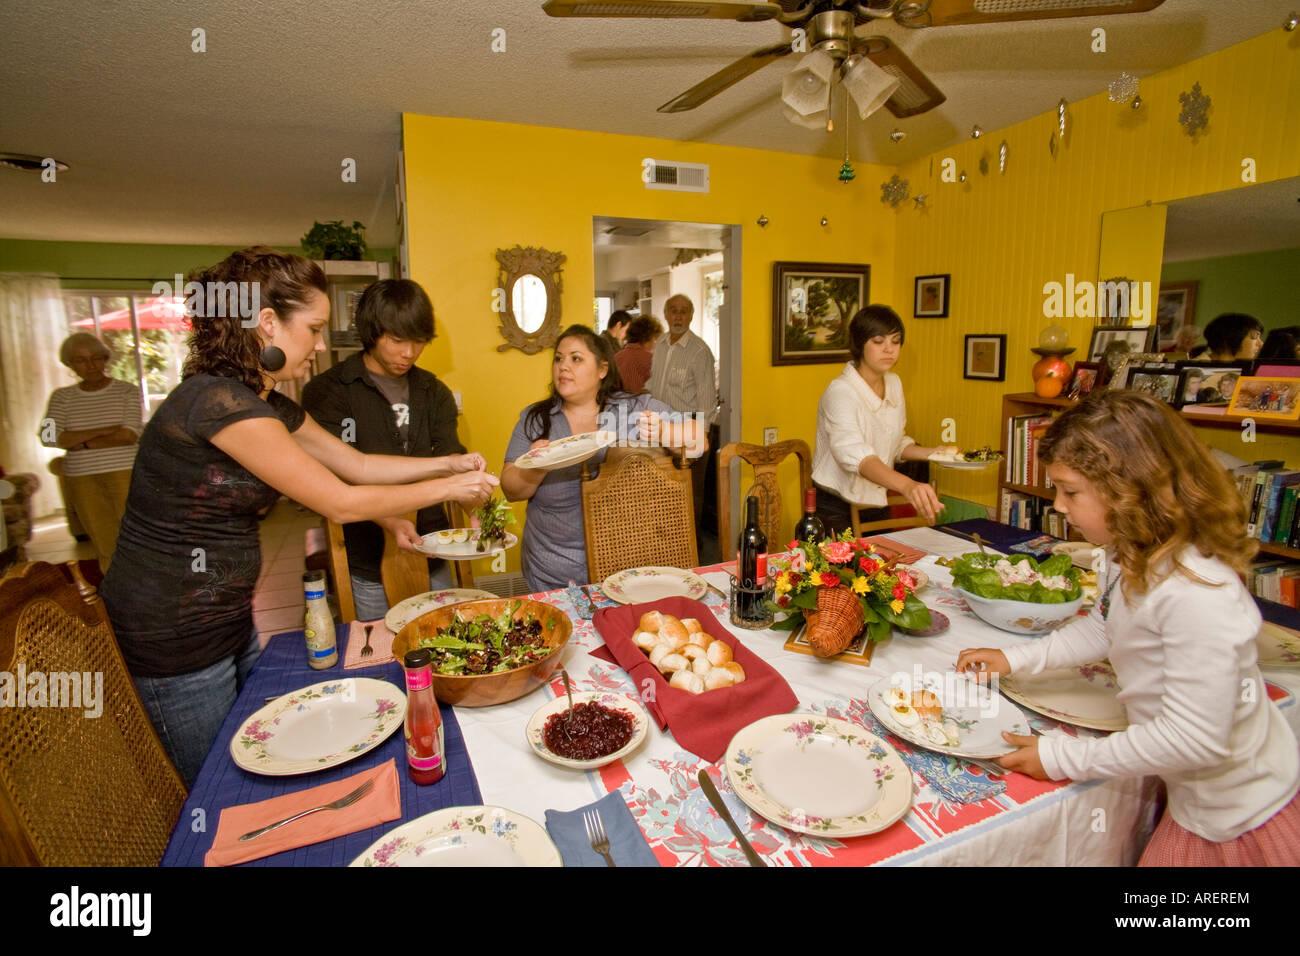 Members of an extended Hispasnic Caucasian family start serving Thanksgiving dinner - Stock Image